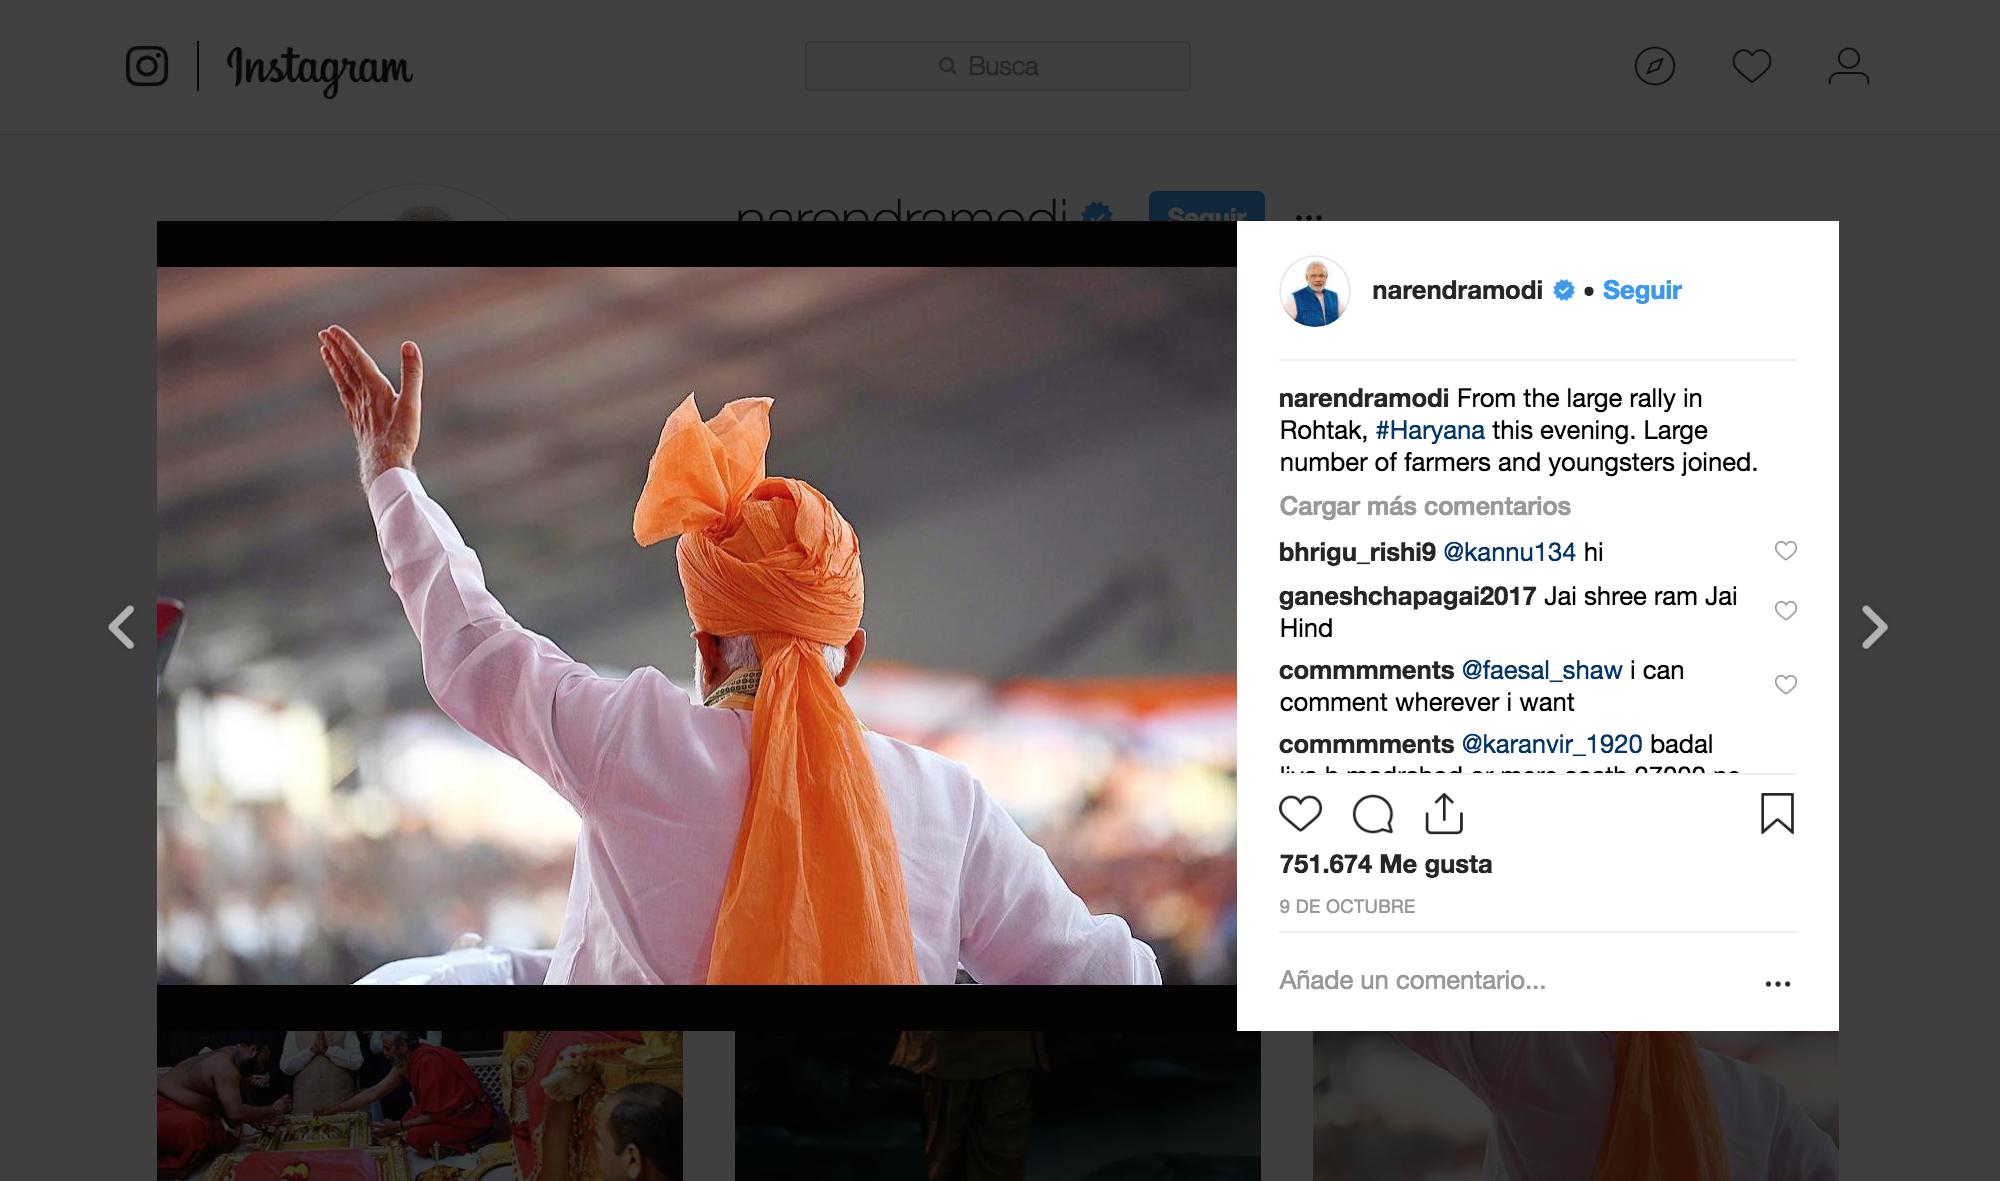 Políticos influencers en Instagram. Narendra Modi